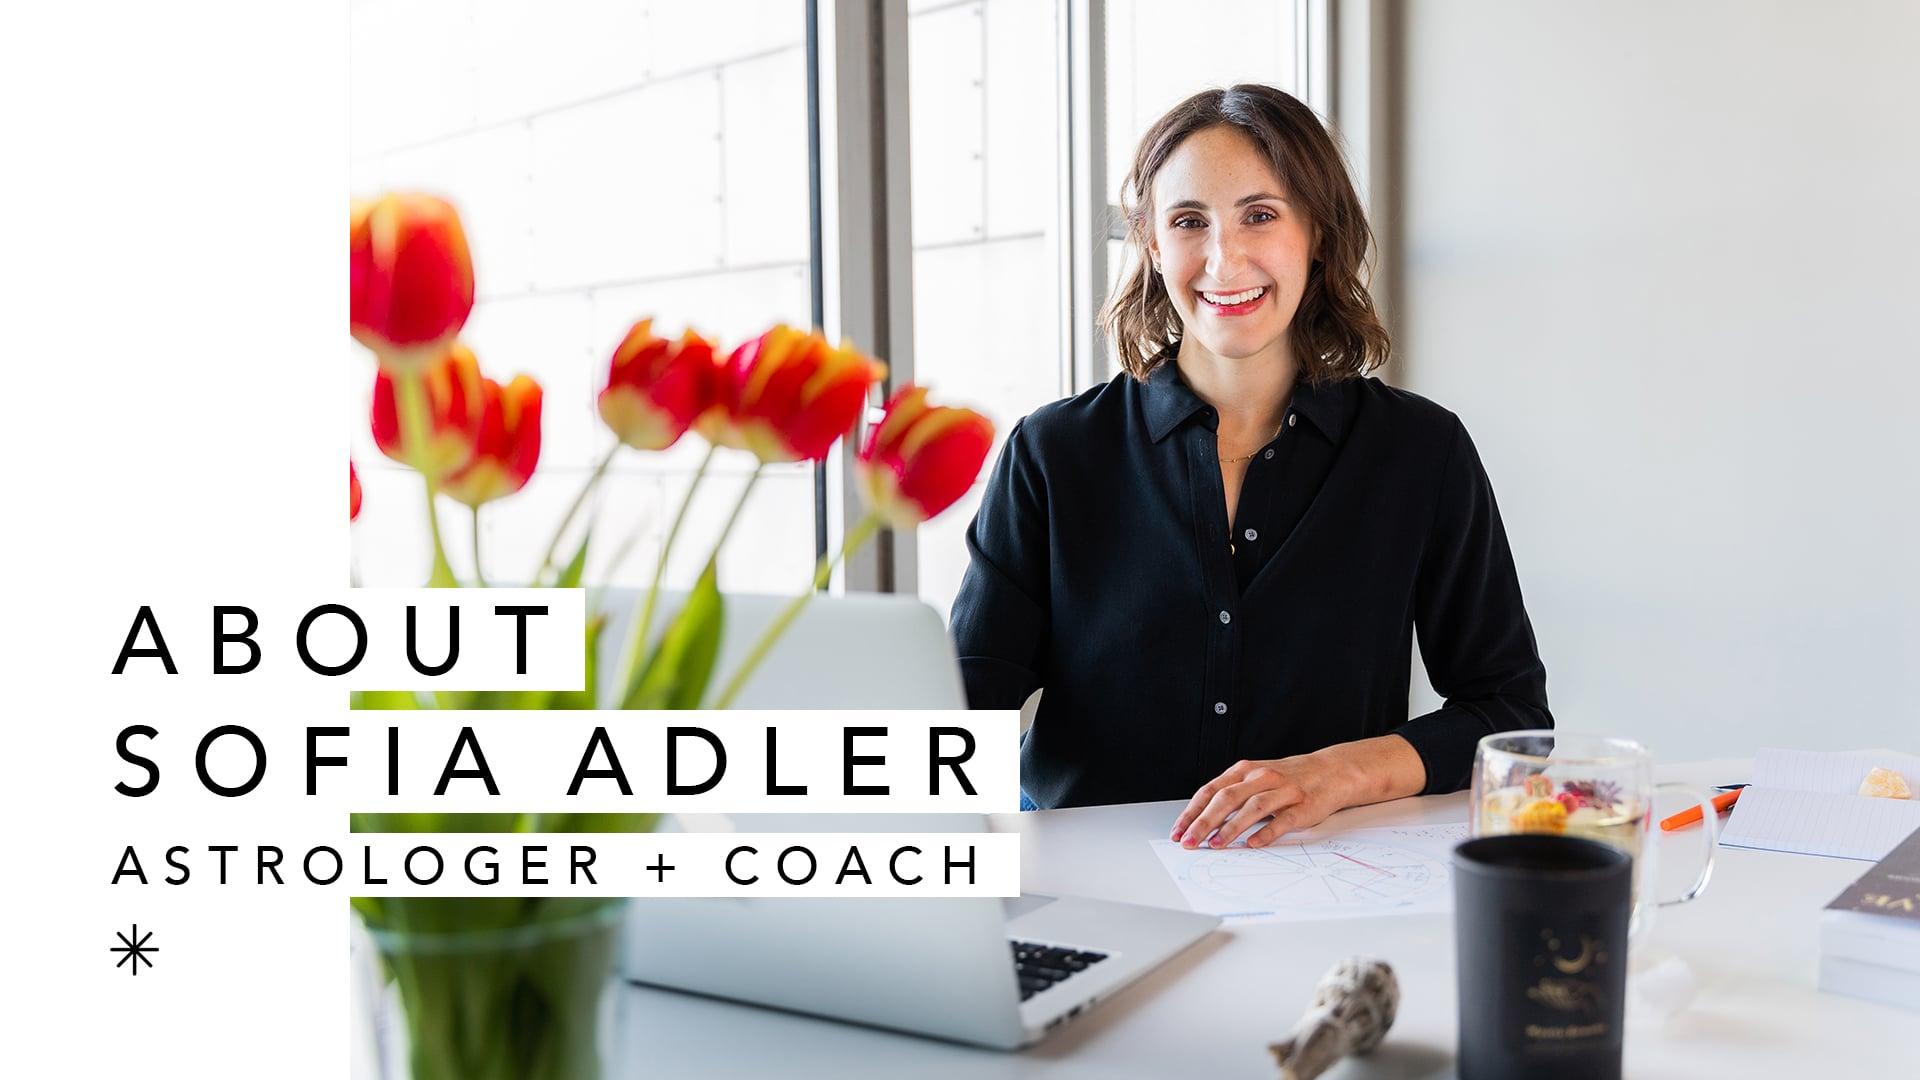 Sofia Adler - Astrologer and Coach